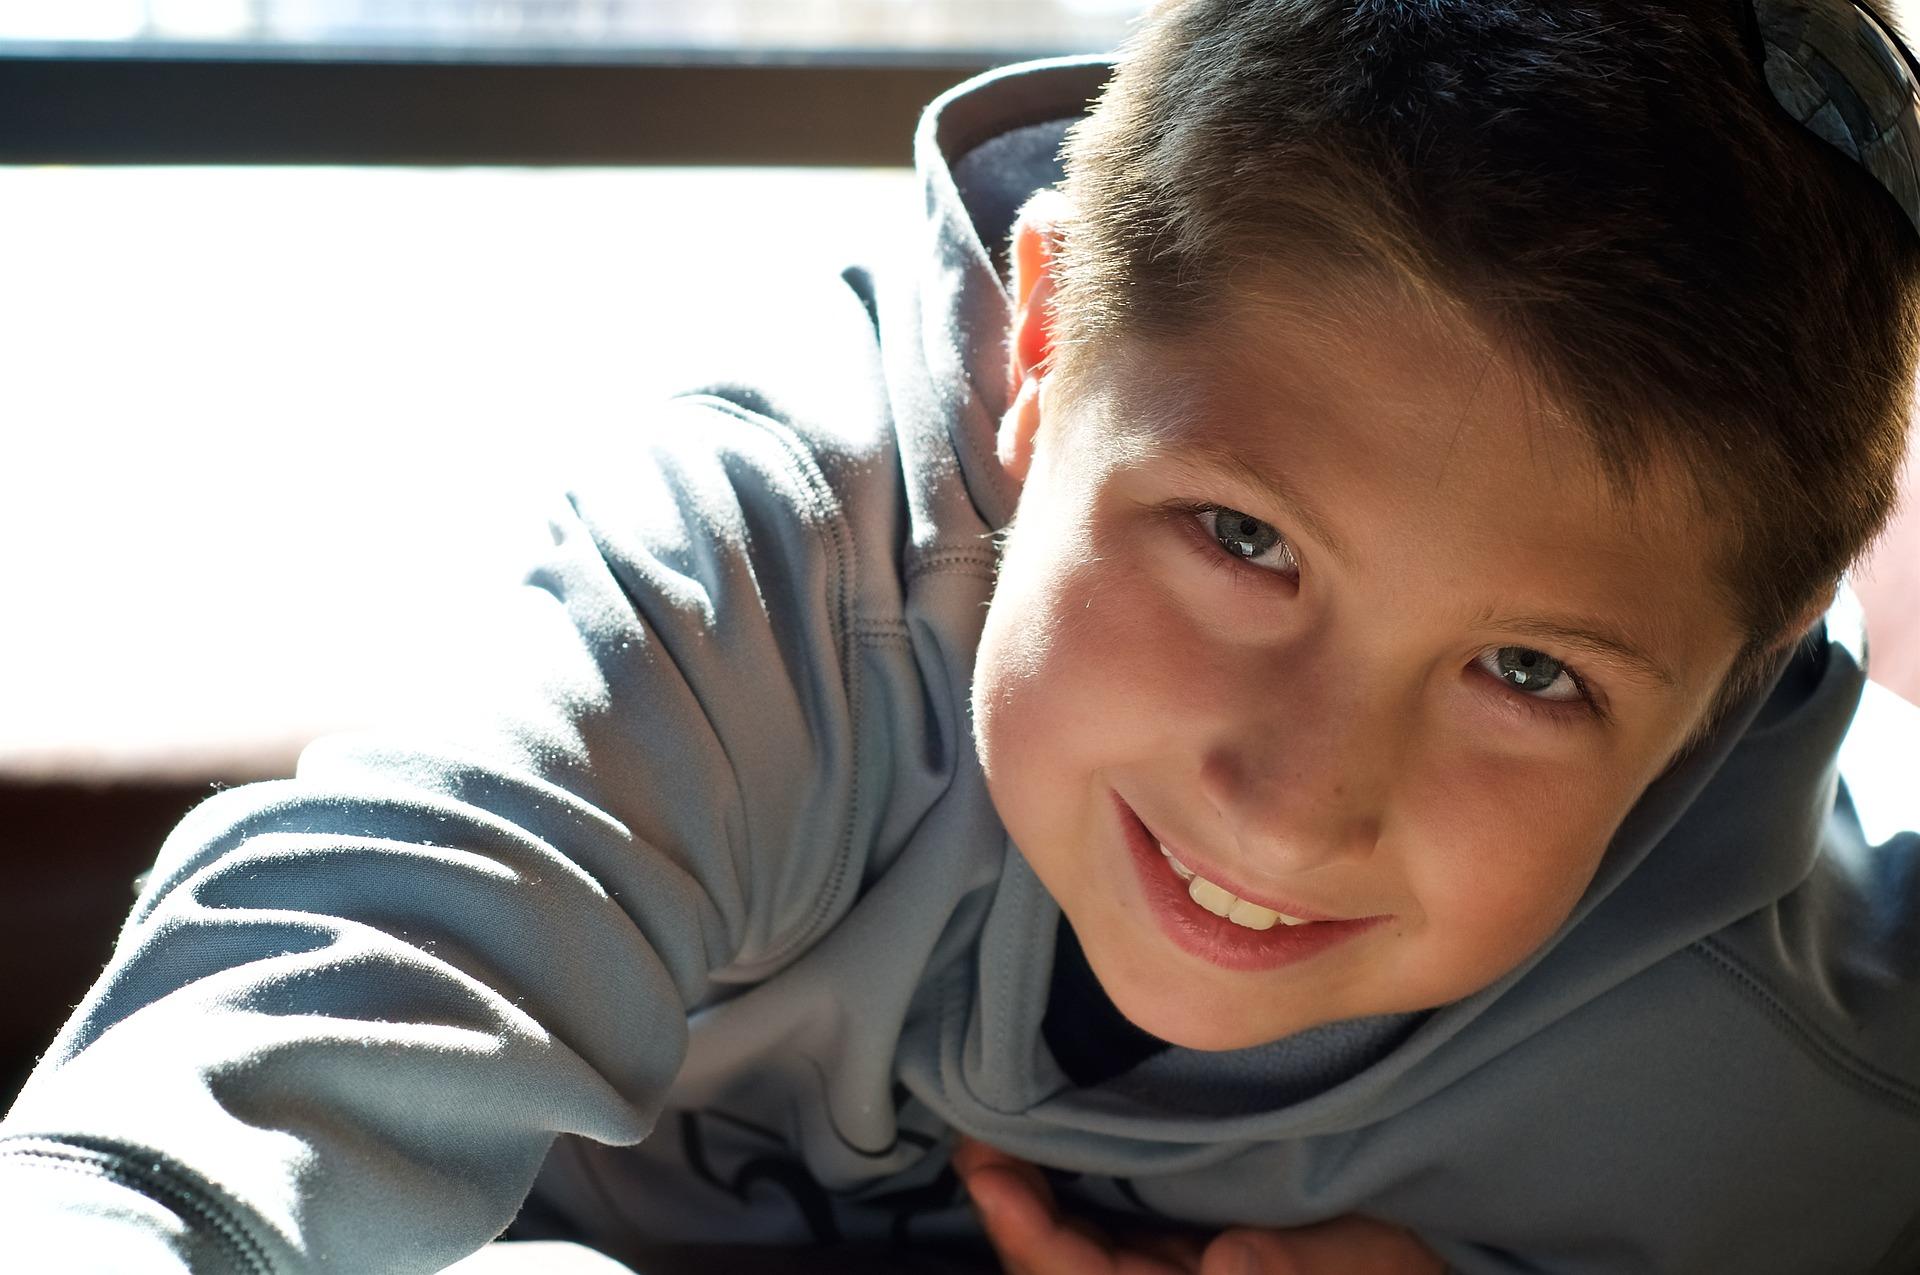 Kinder- und Jugendhilfe reformieren – besser geht immer